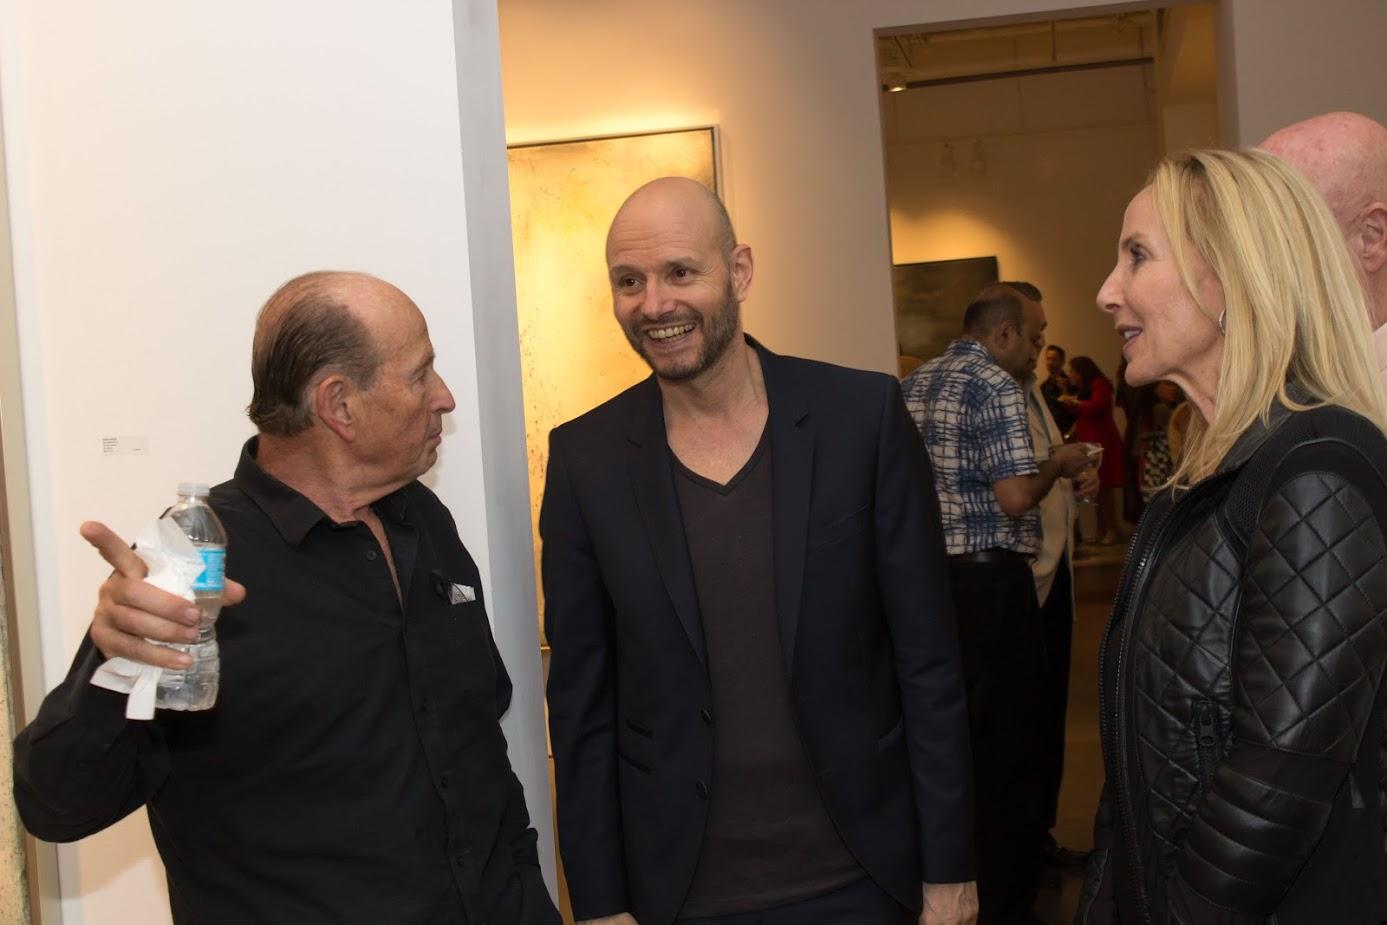 Bill Lowe Gallery Reiner Heidorn Opening 43.jpg